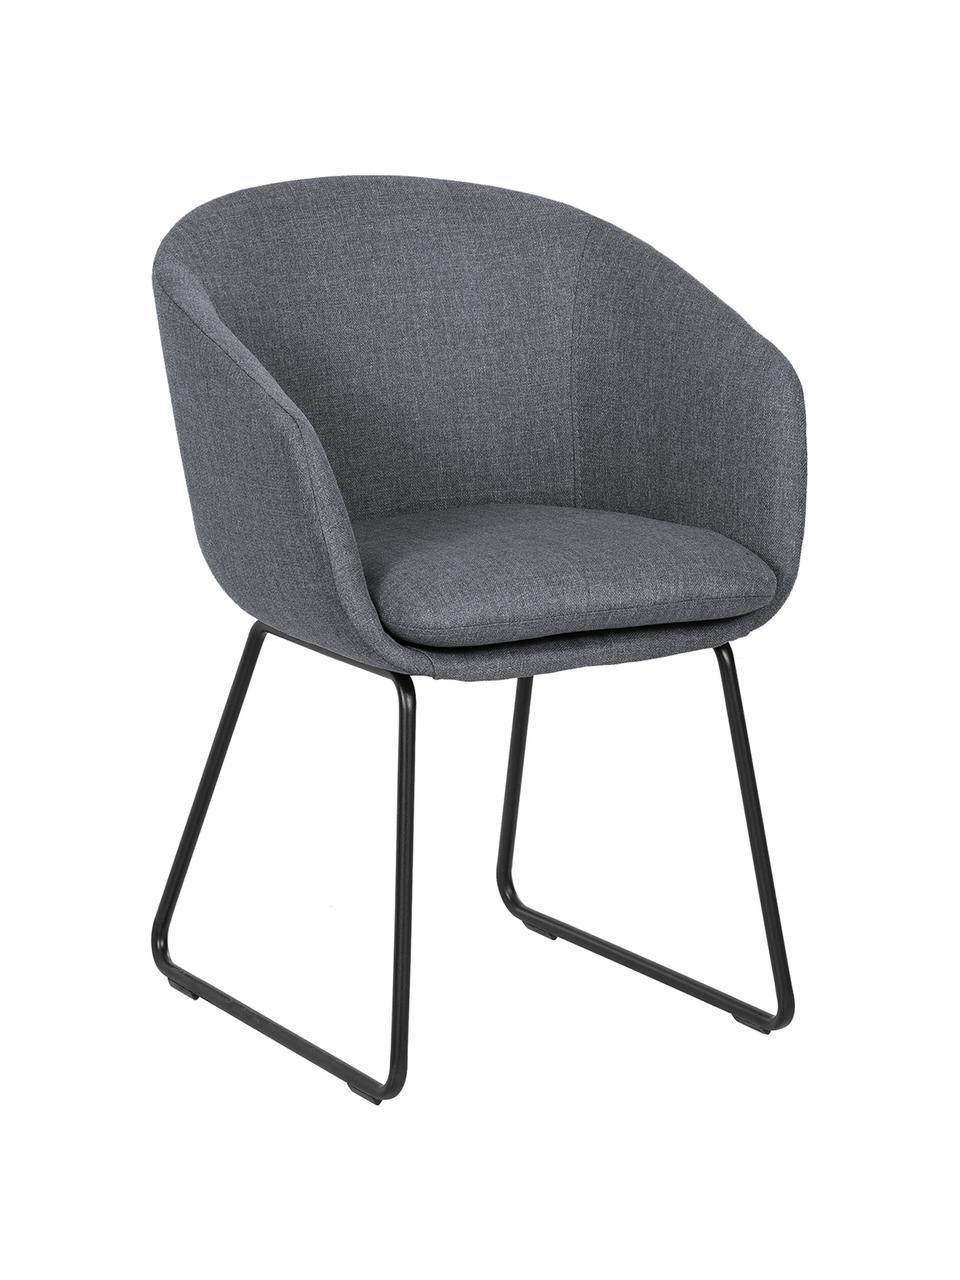 Čalouněná židle spodručkami Juri, Tmavě šedá